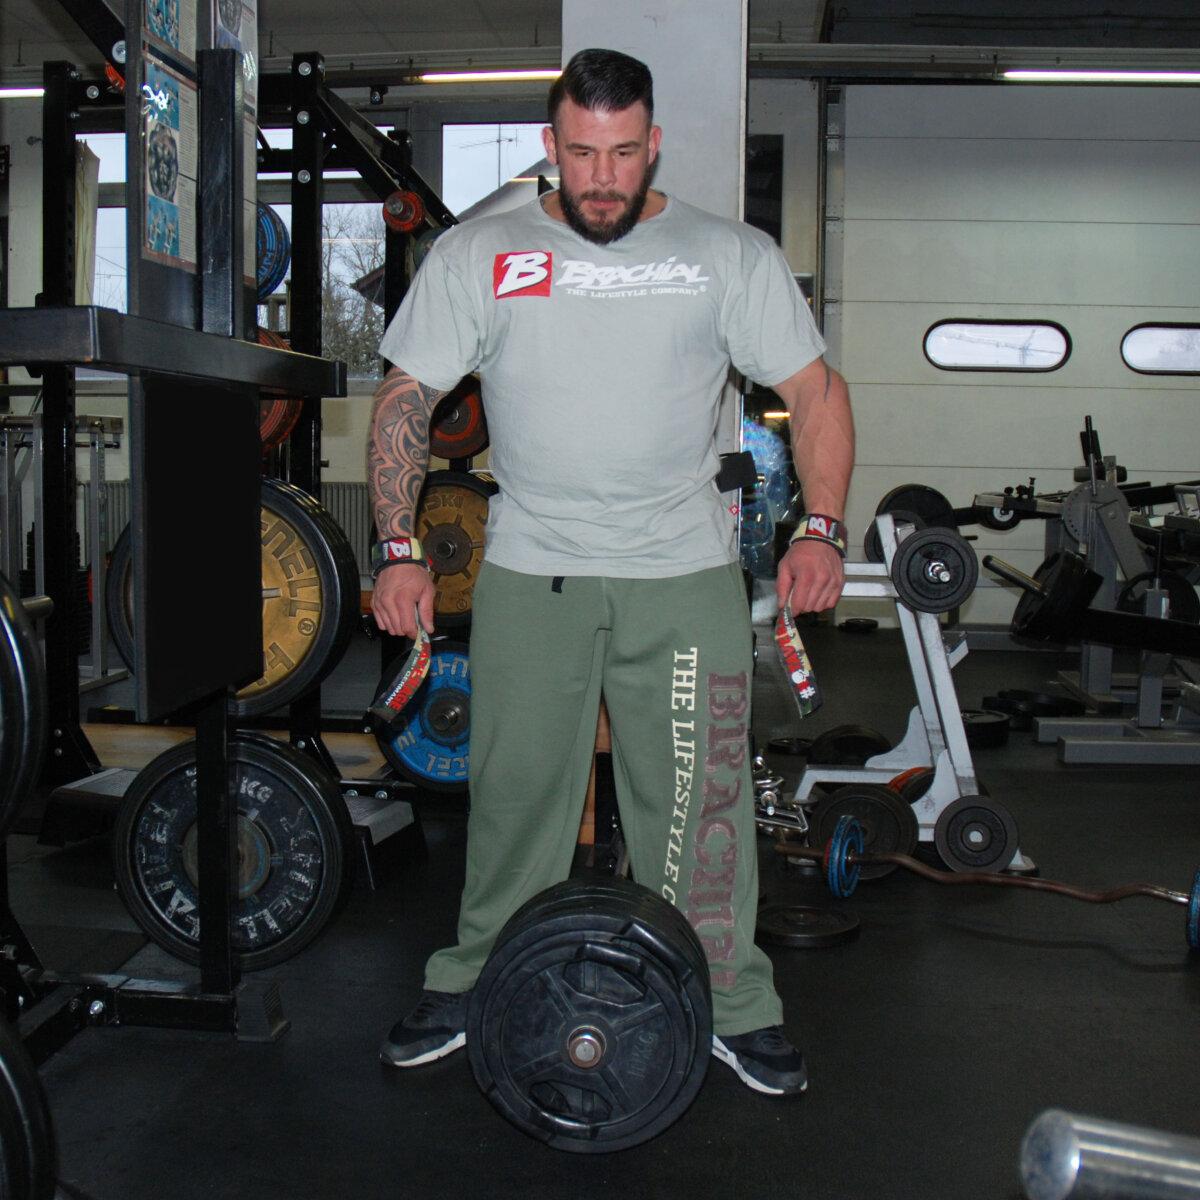 Brachial pantalones de deporte gym caqui 59 95 for Deporte gym